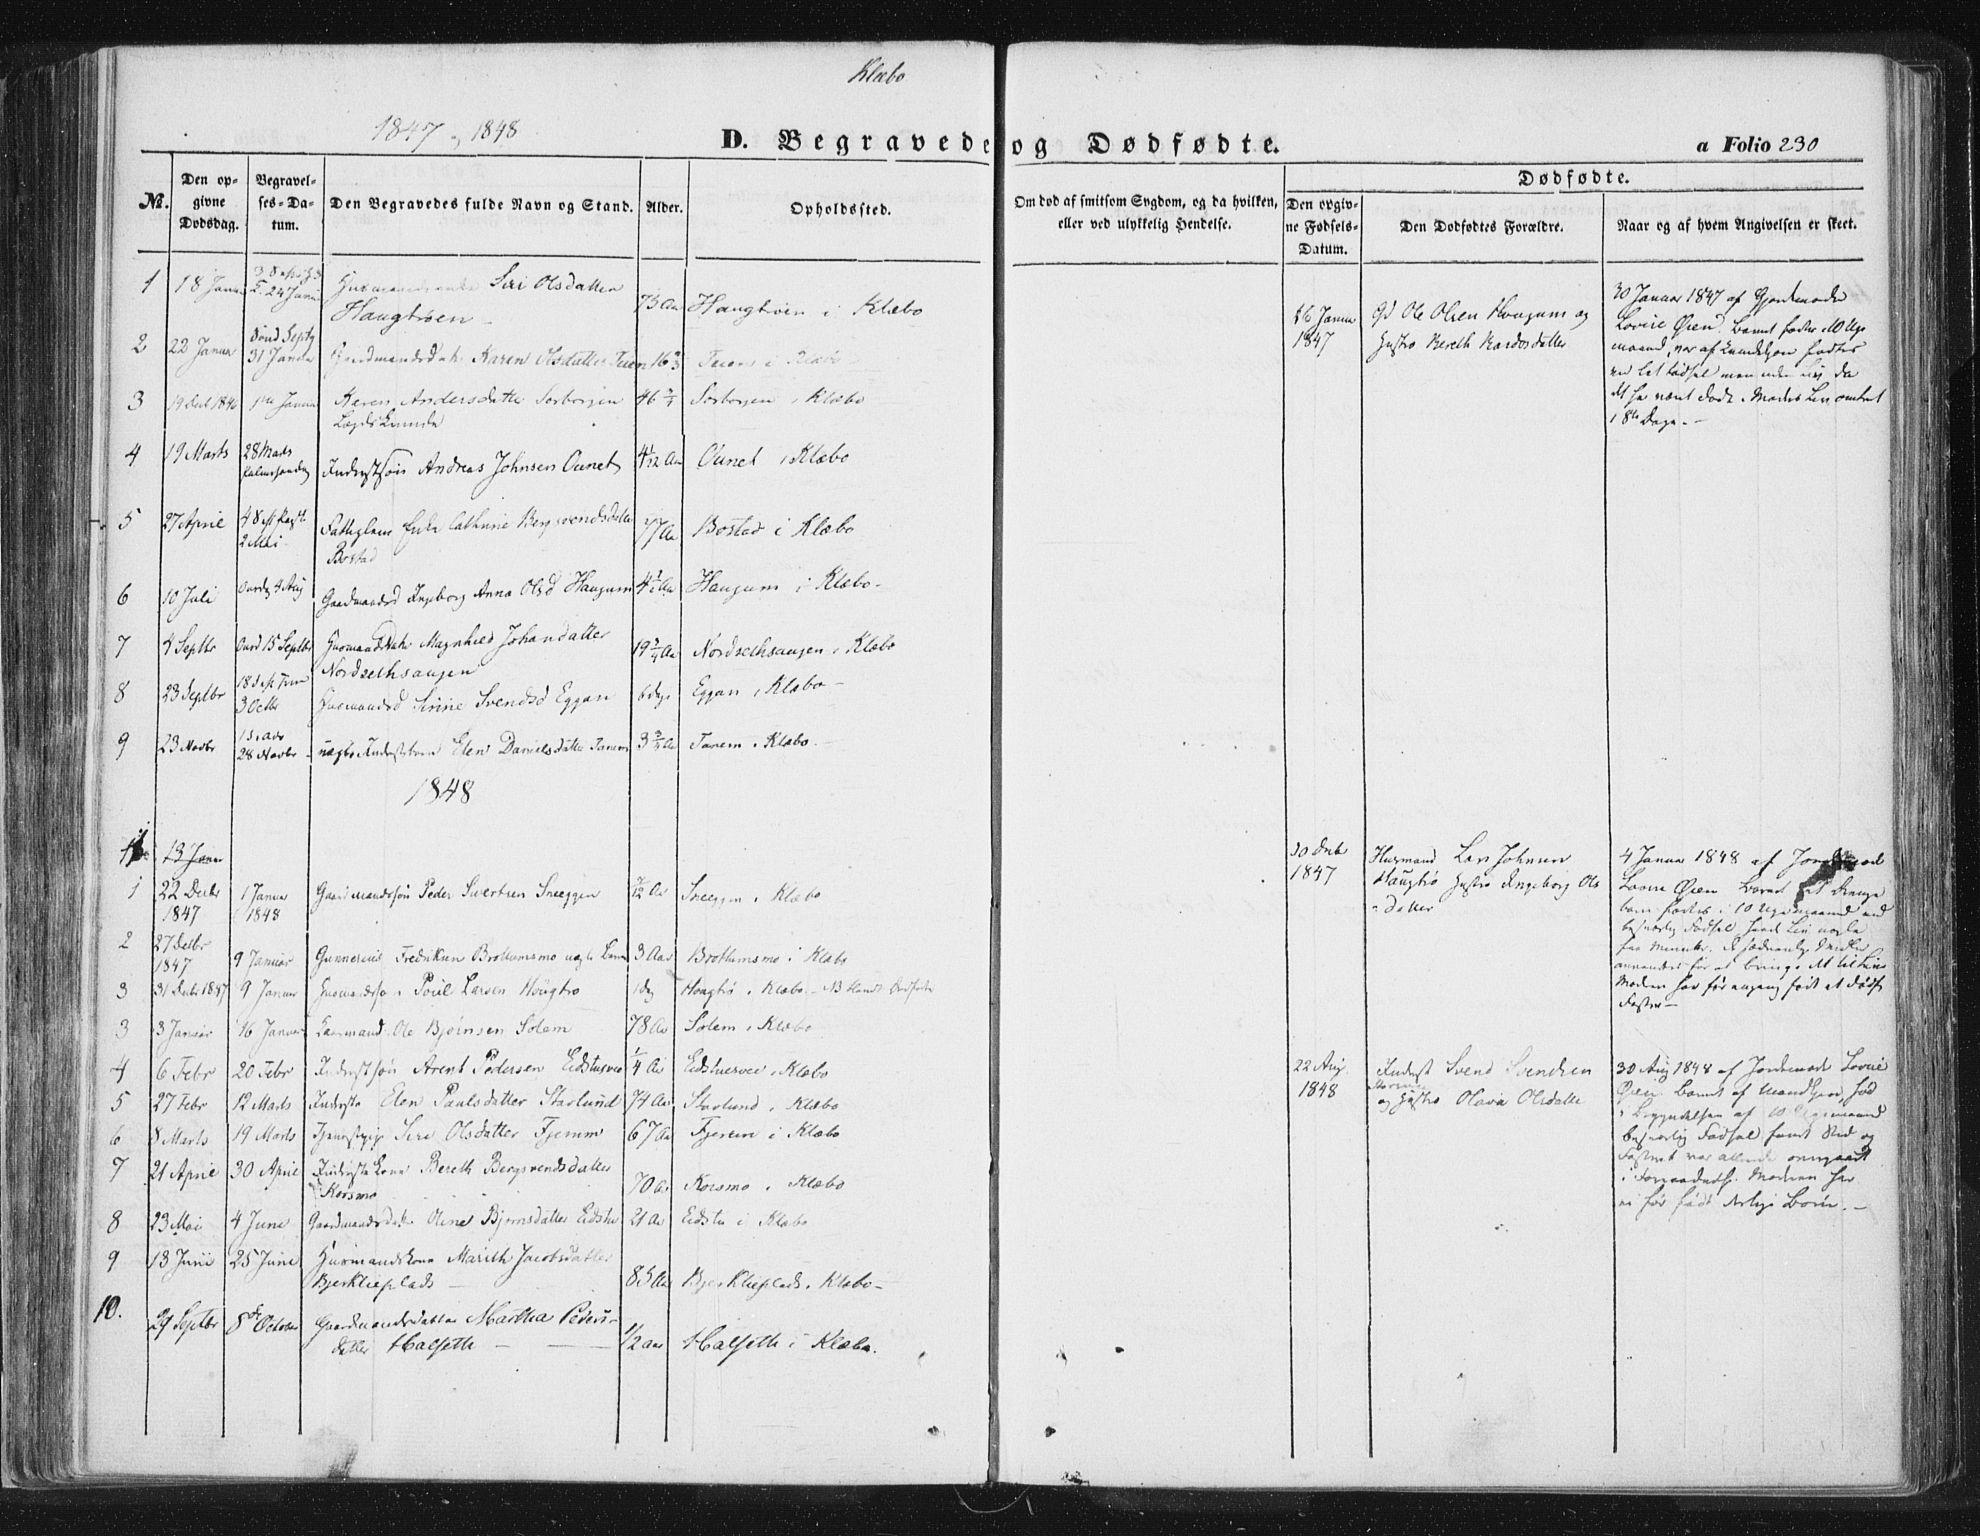 SAT, Ministerialprotokoller, klokkerbøker og fødselsregistre - Sør-Trøndelag, 618/L0441: Ministerialbok nr. 618A05, 1843-1862, s. 230